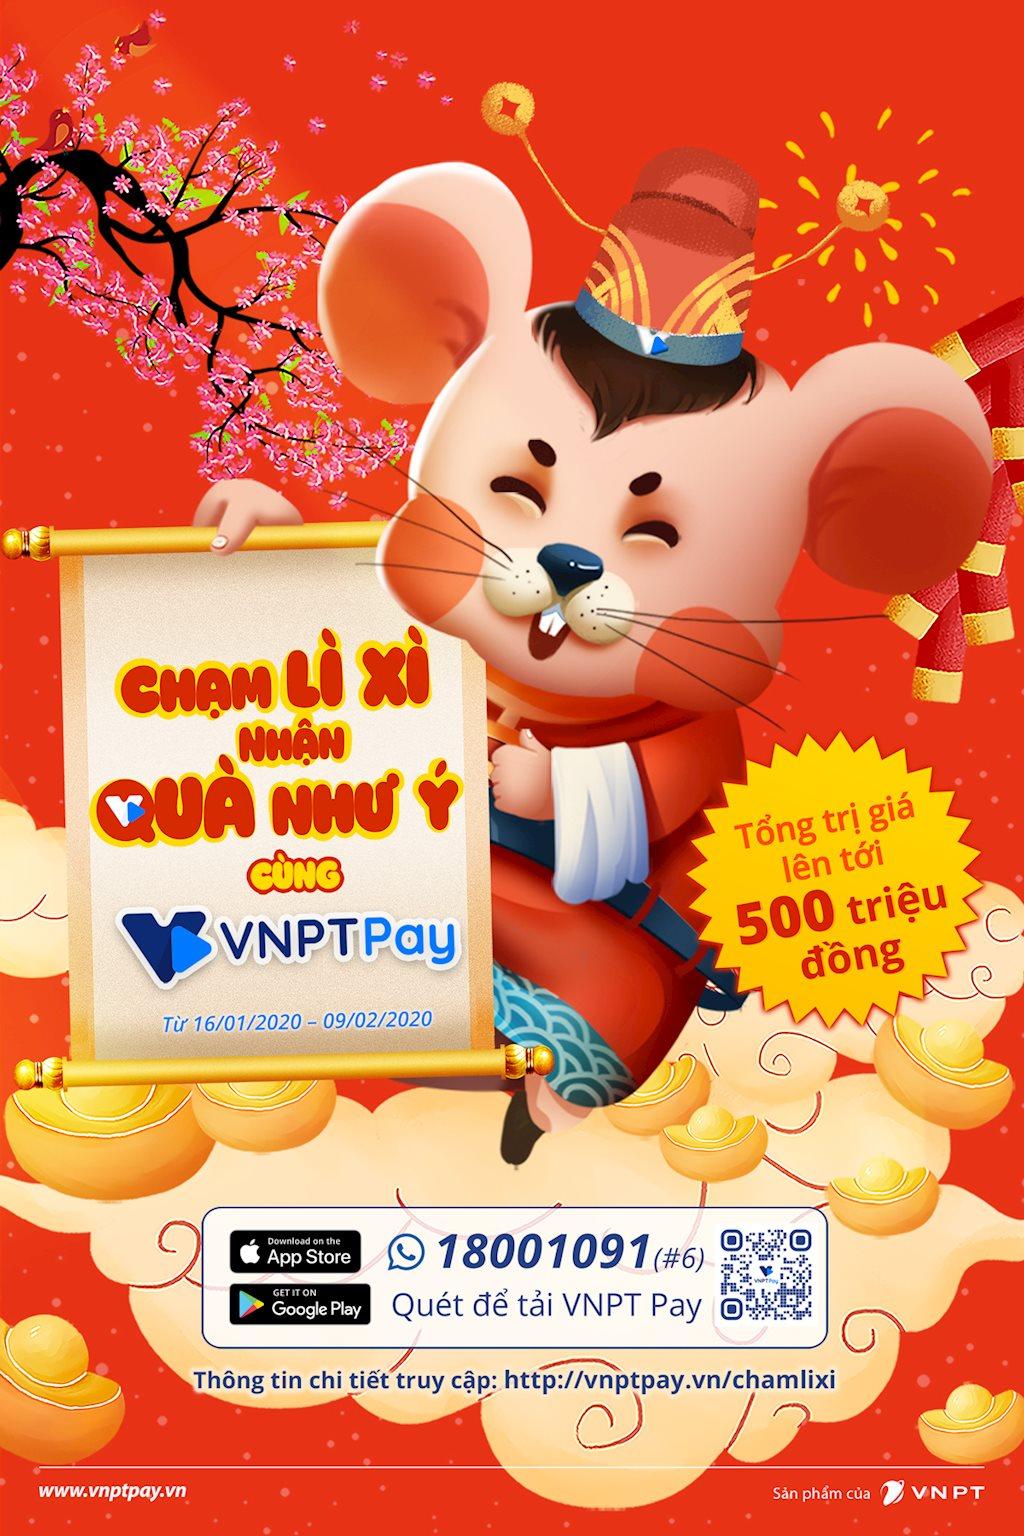 Nhận lì xì siêu chất của VNPT Pay theo phong cách chạm 4.0